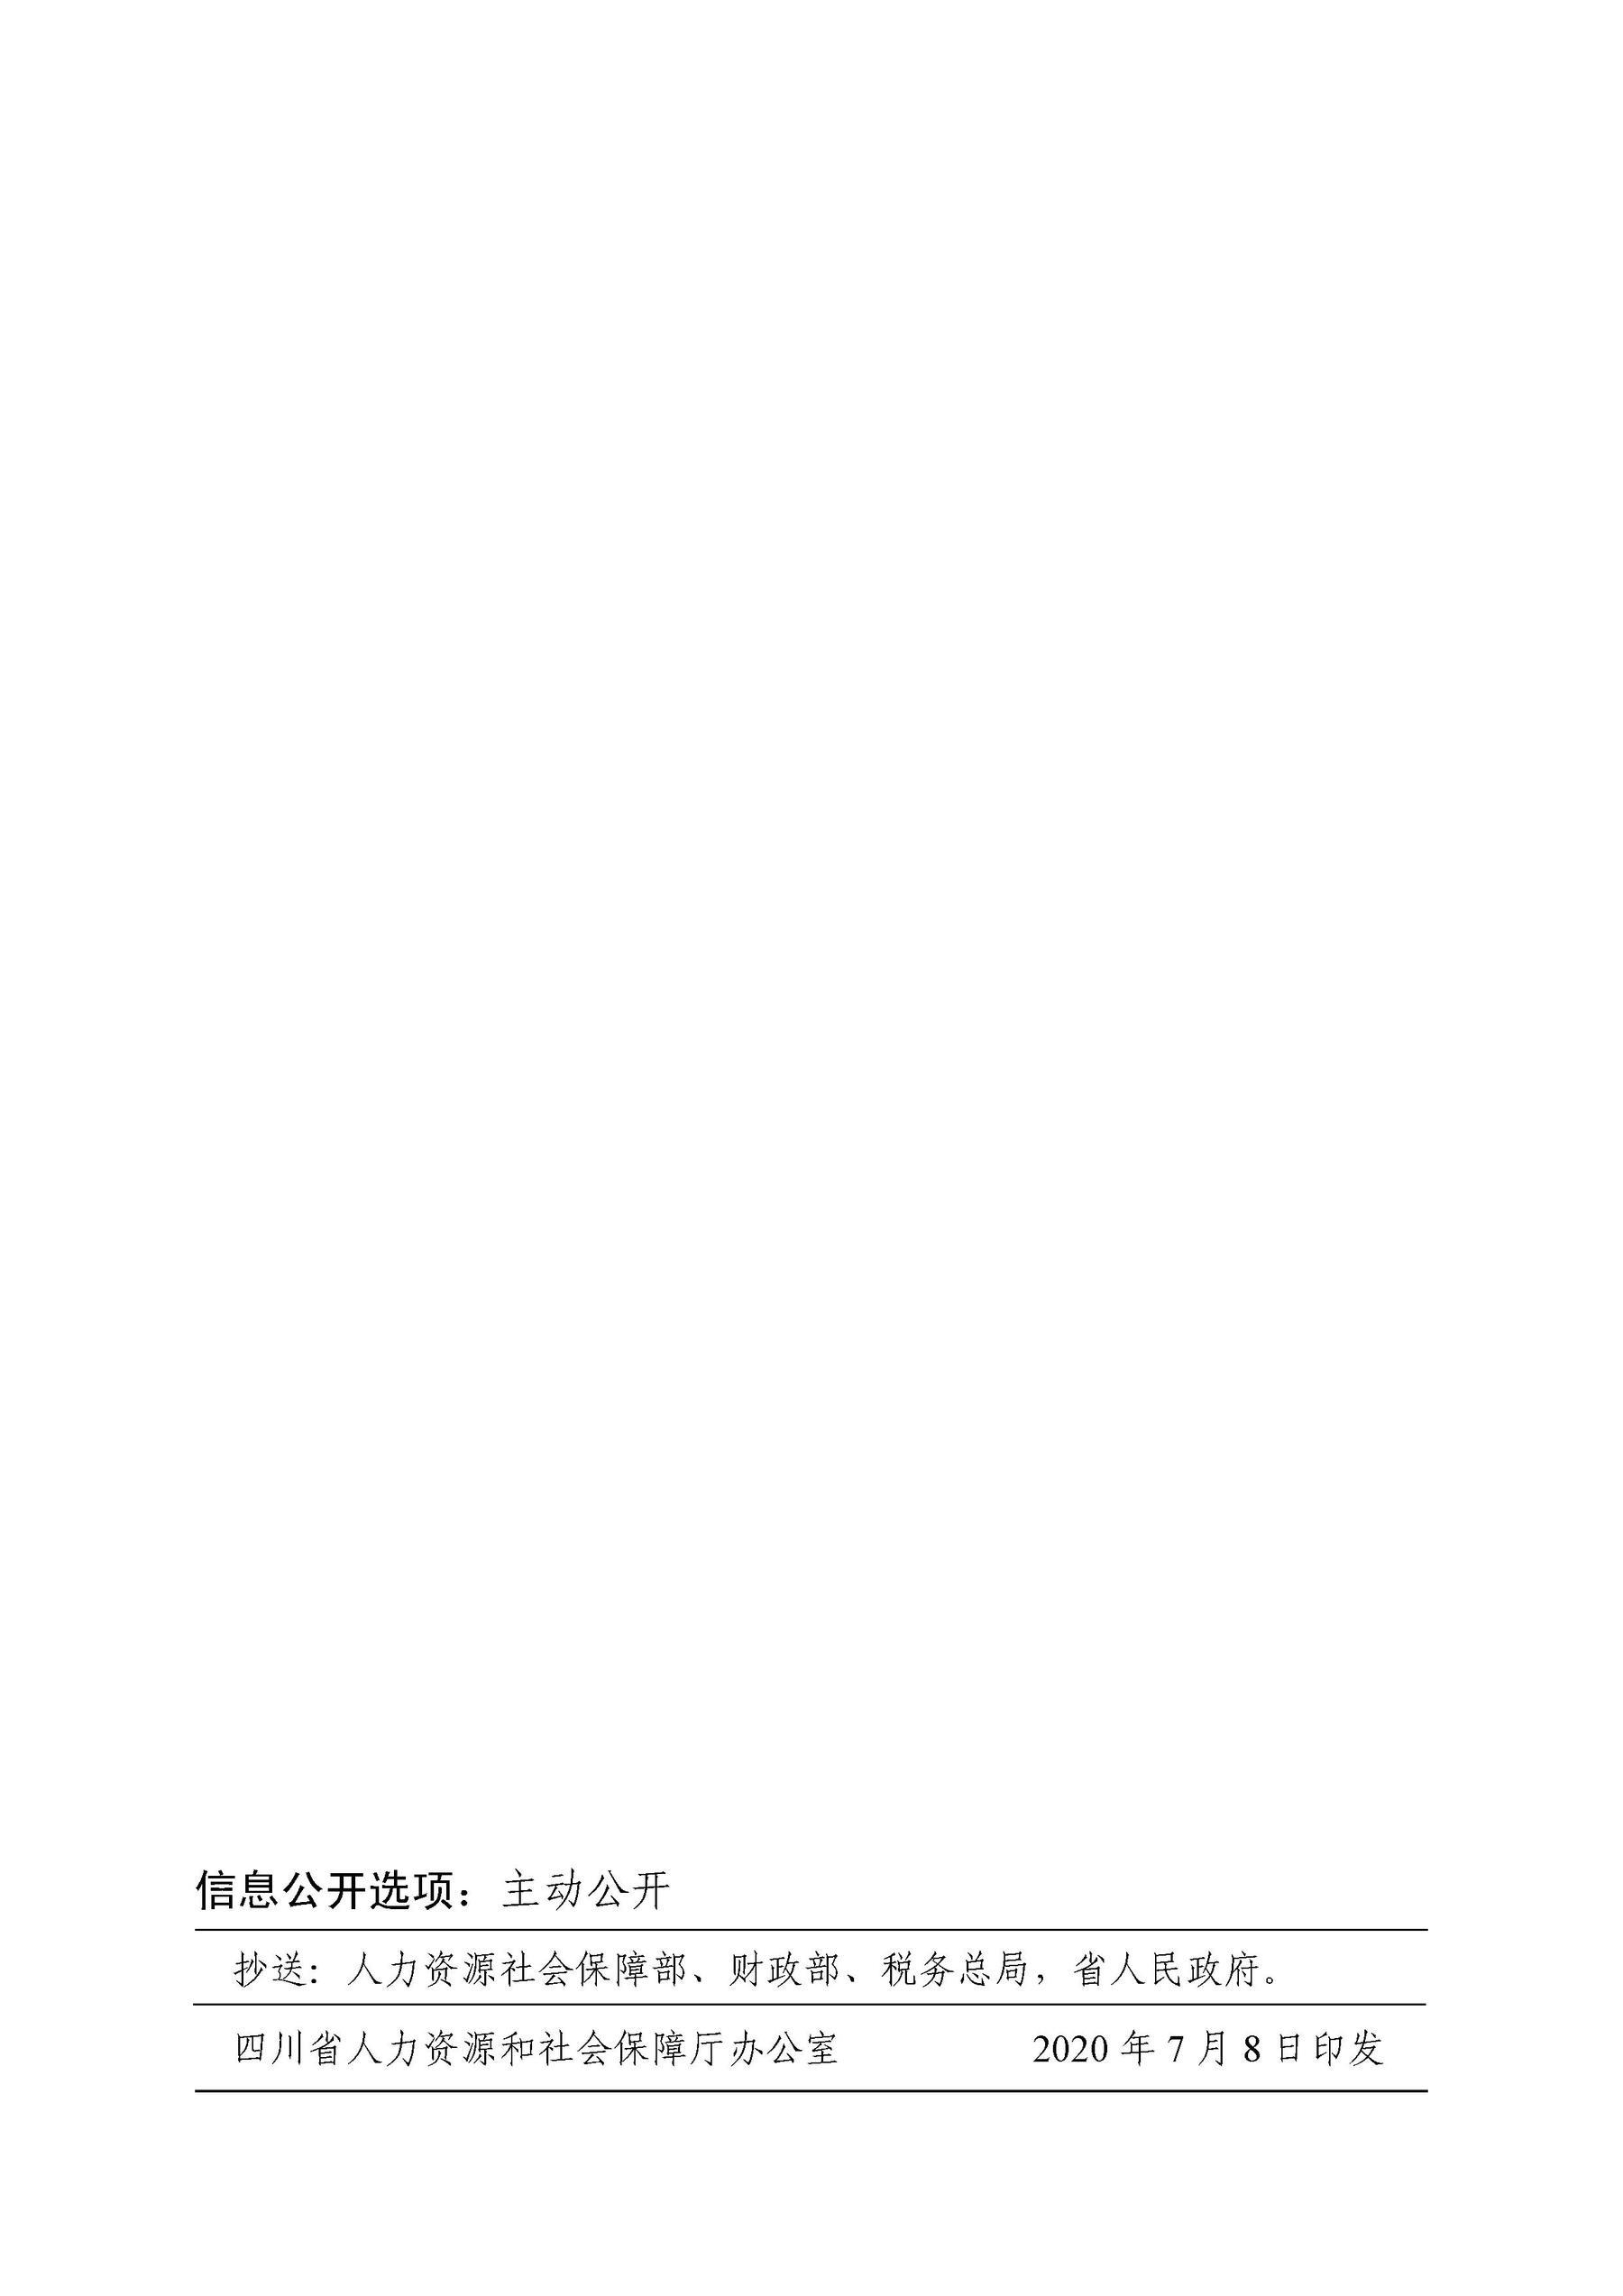 信息公開選項:主動公開 抄送:人力資源社會保障部、財政部、稅務總局,省人民政府。 四)iI省人力資源和社會保障廳辦公室 2020年7月8日印發